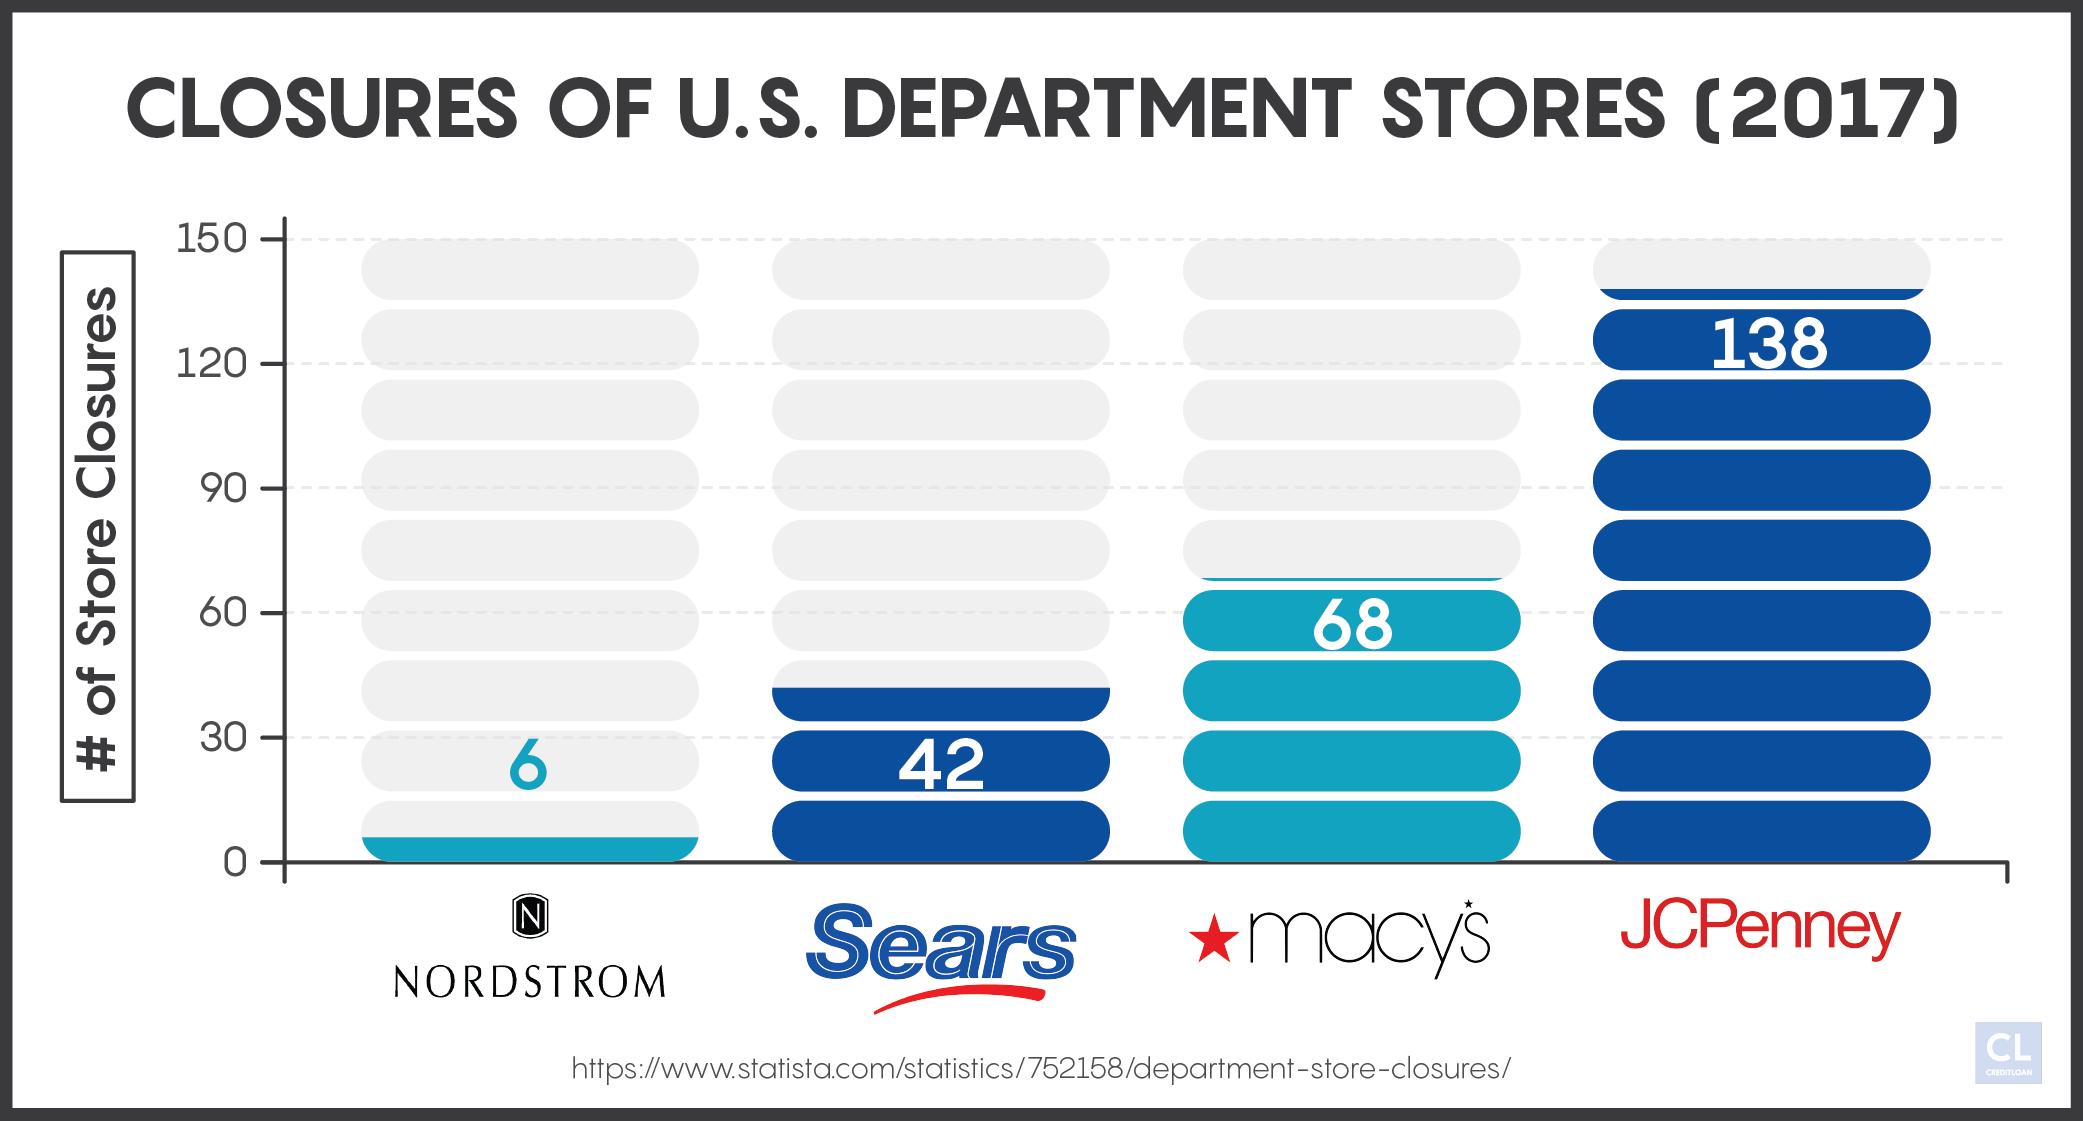 Closures of U.S. Department Stores 2017